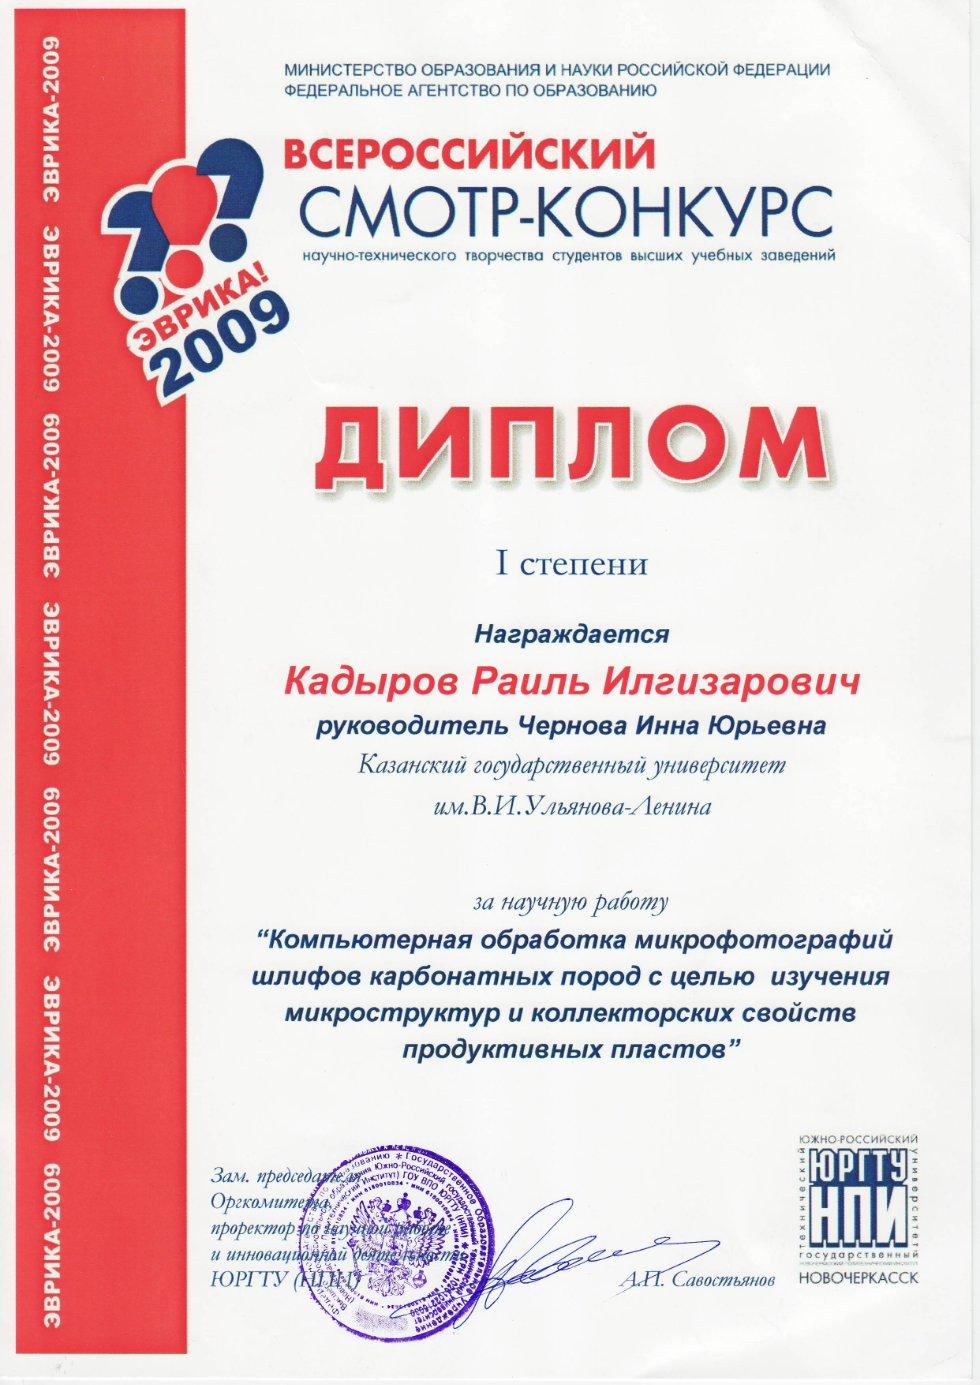 Награды конкурса министерства